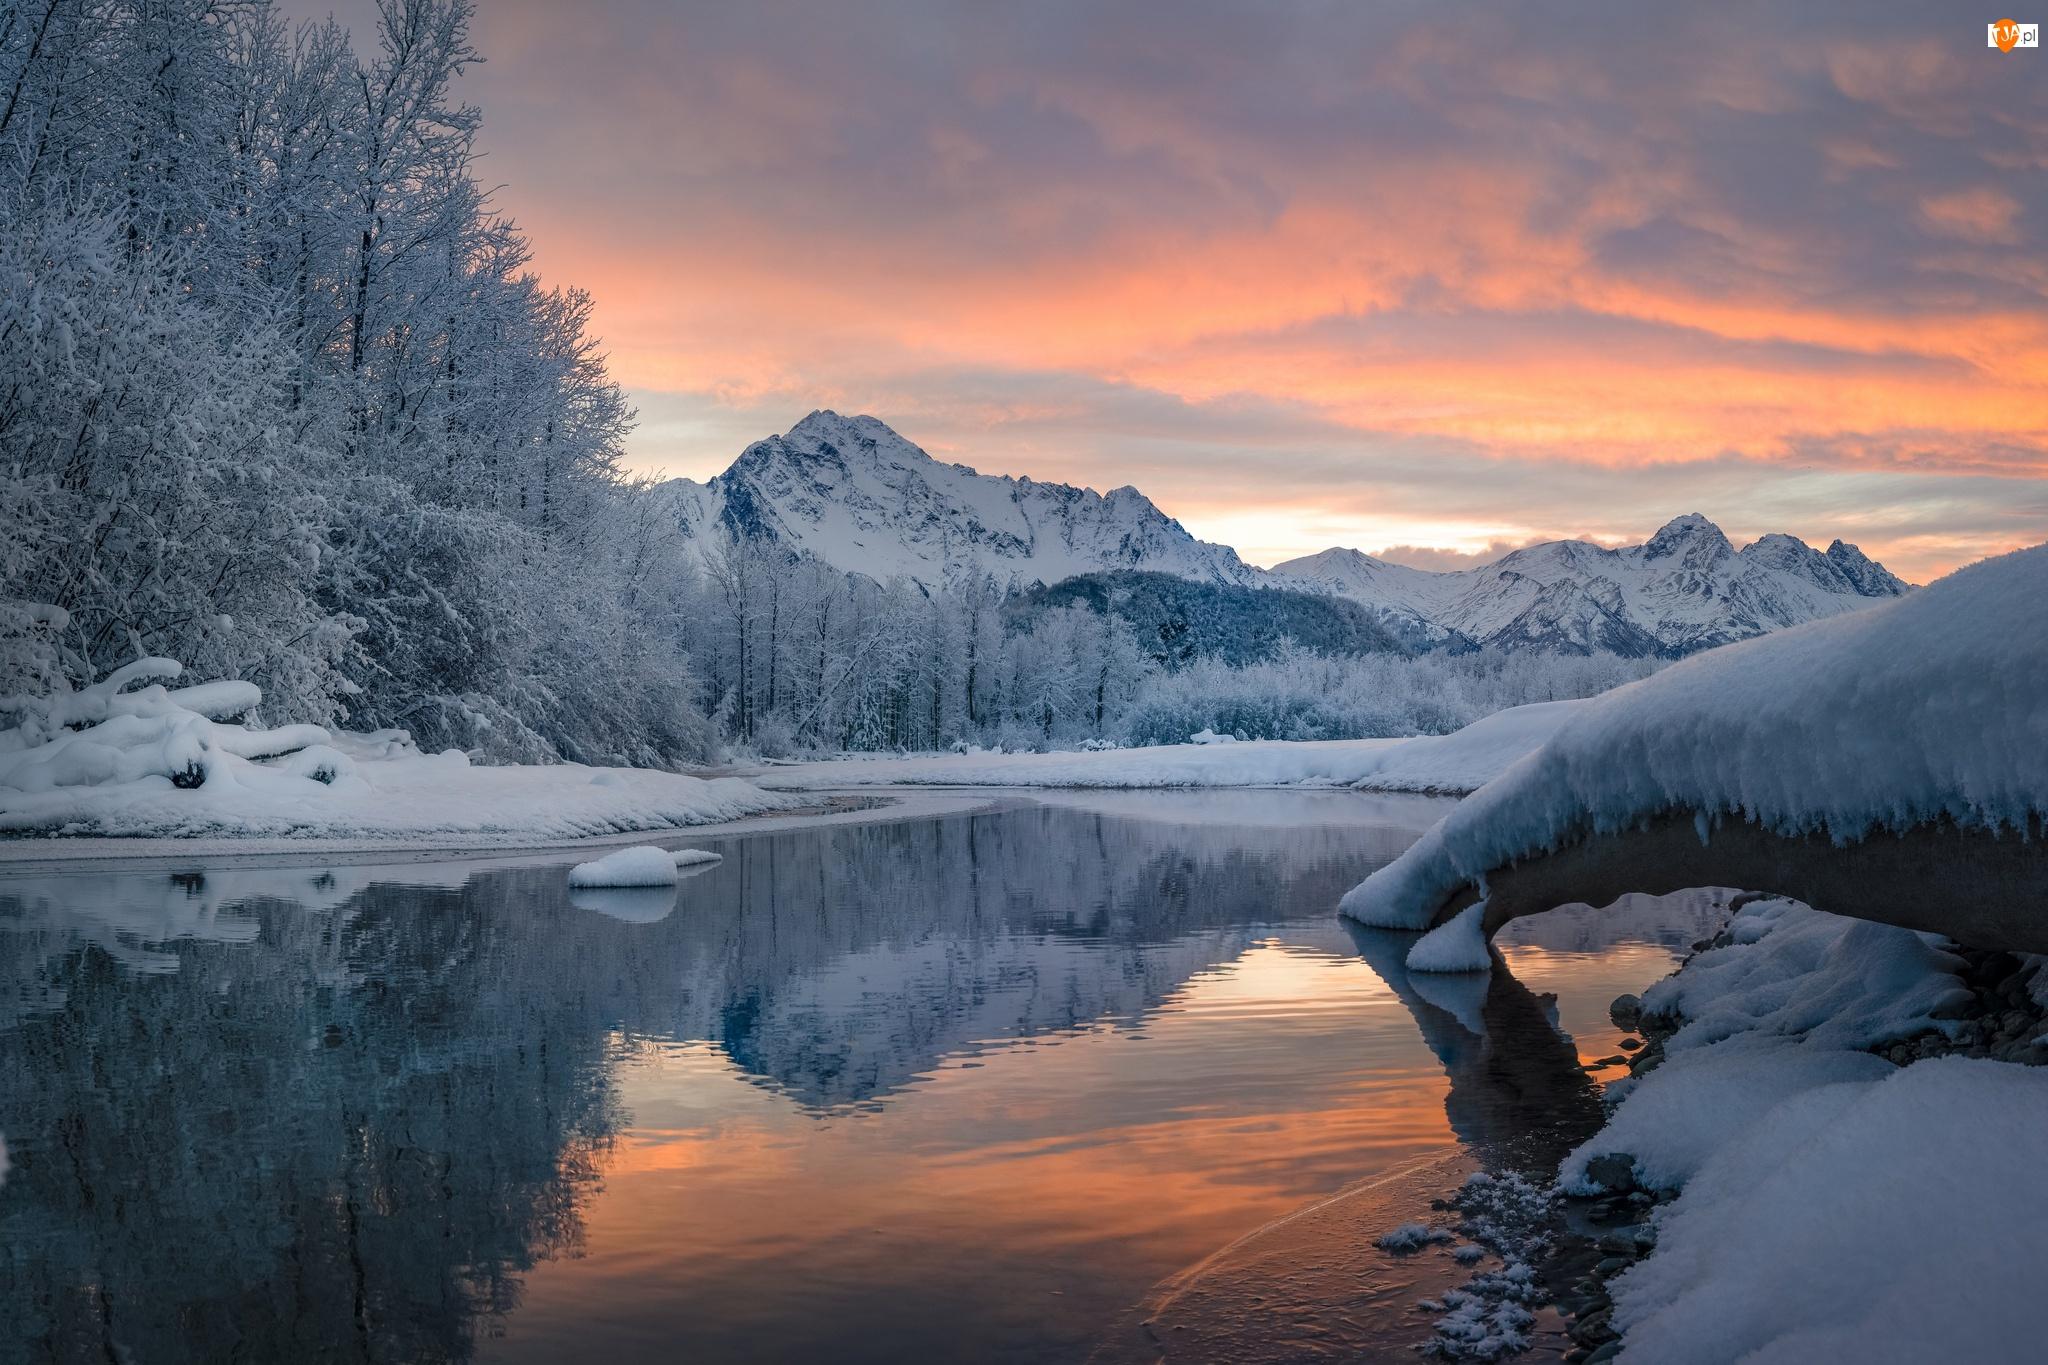 Góry, Zima, Drzewa, Zachód słońca, Rzeka, Chmury